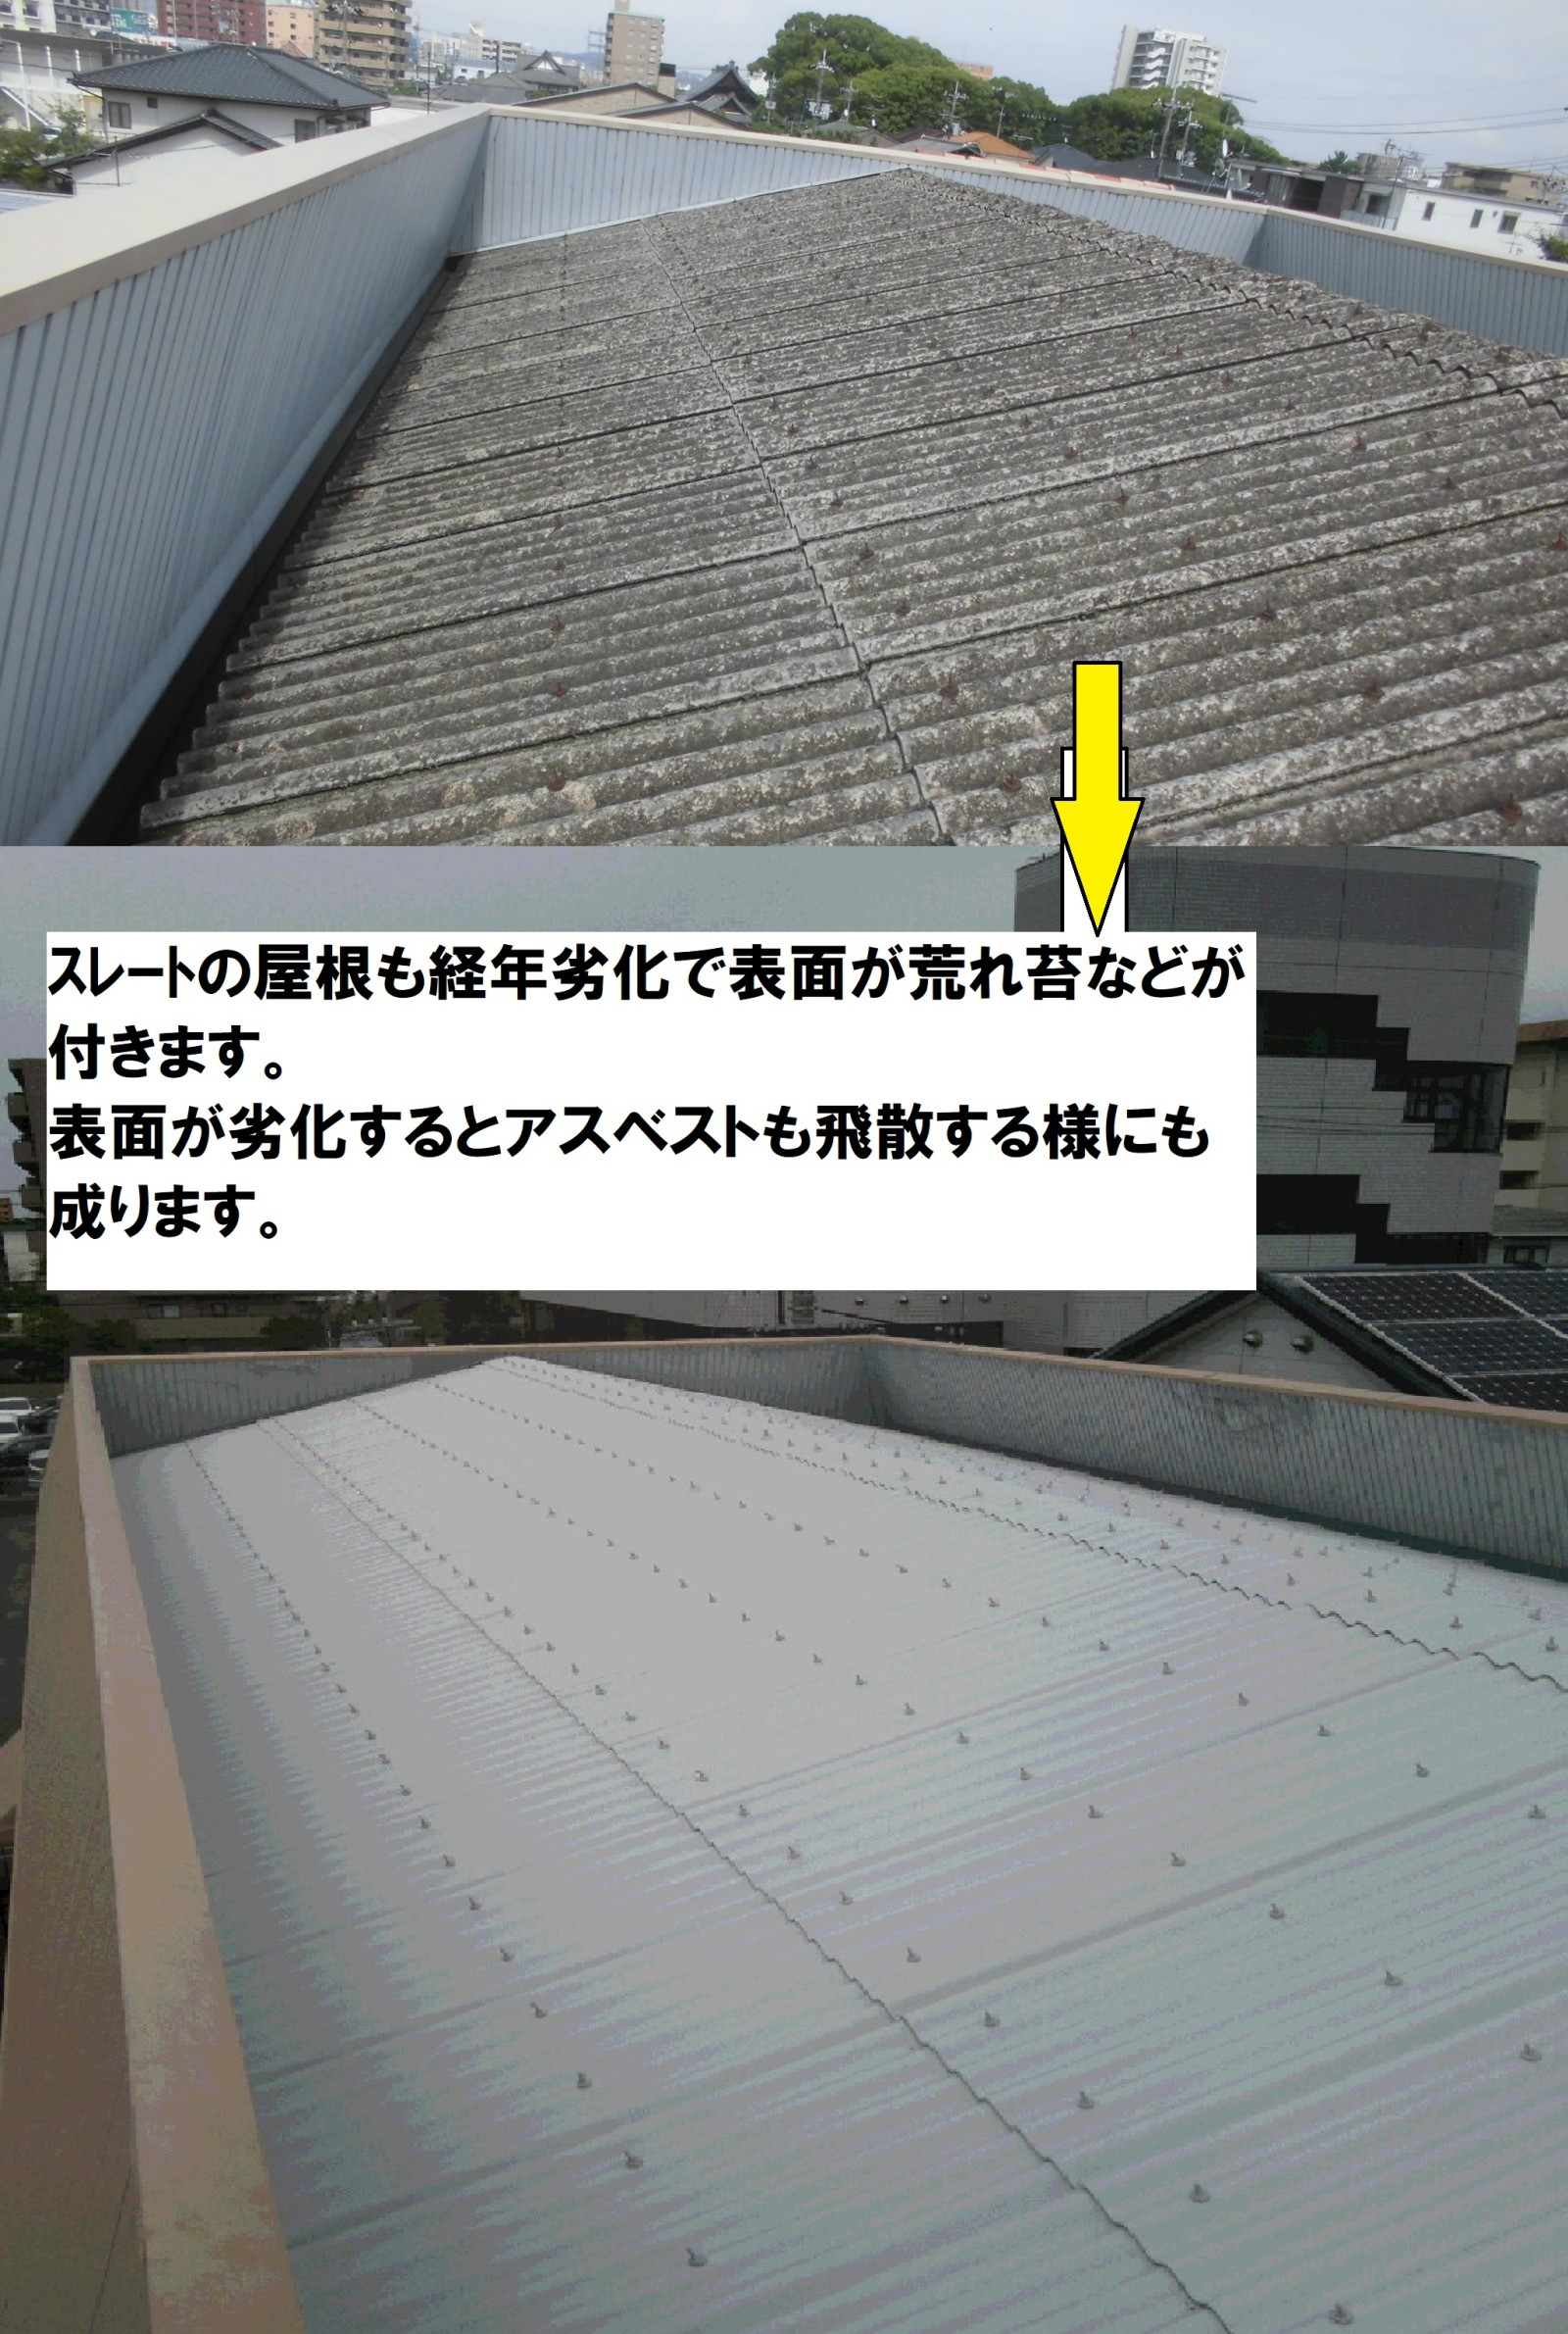 倉庫や車庫などに多く使われている波型のスレート。